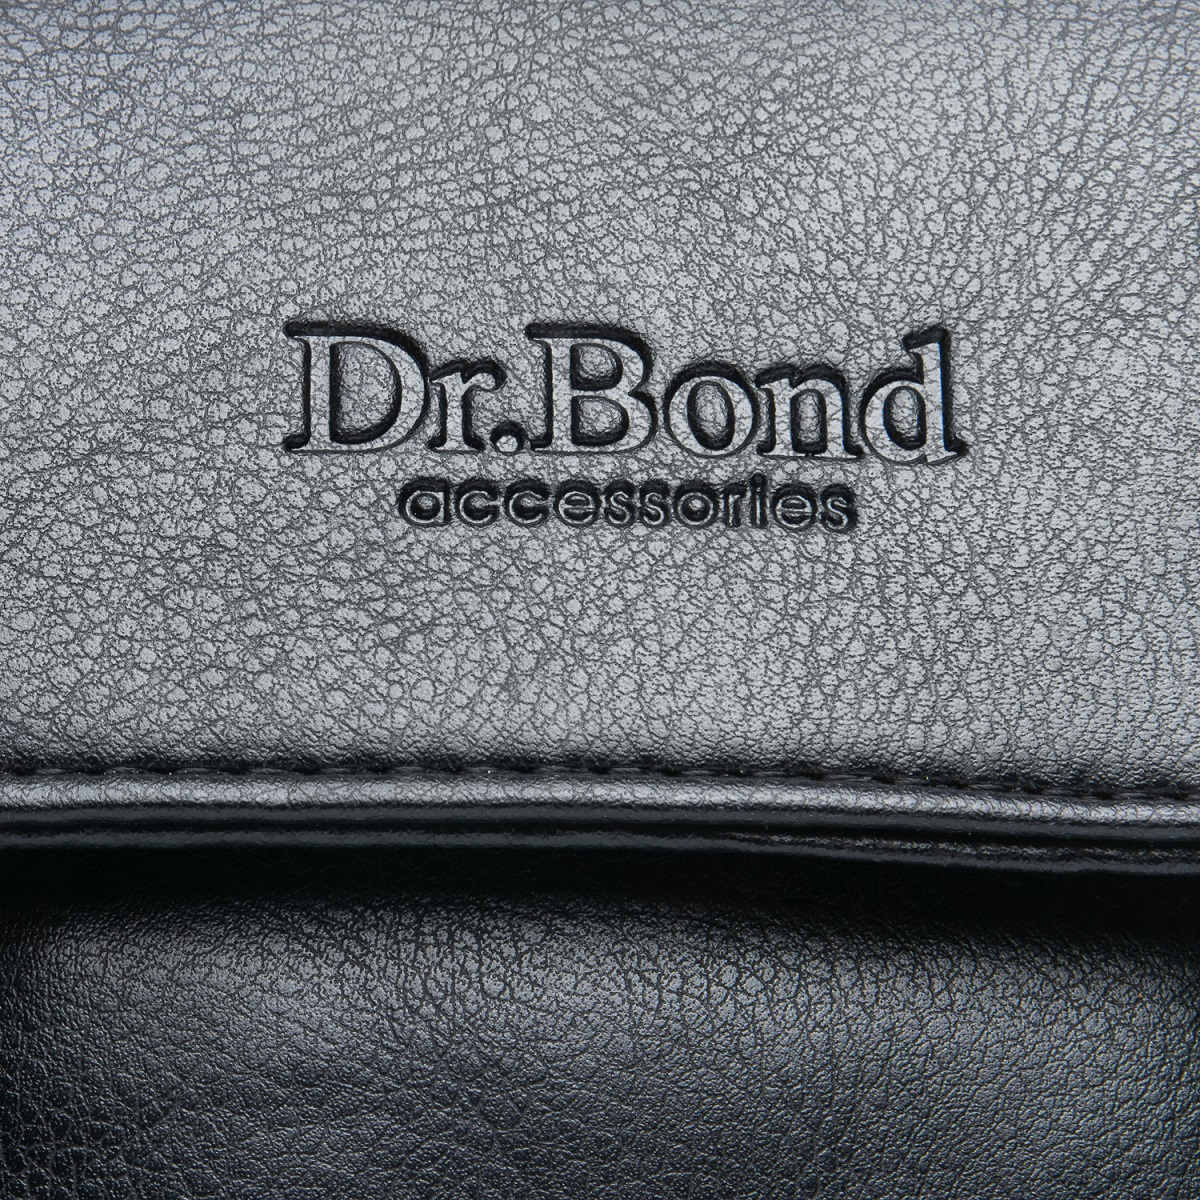 Сумка Мужская Планшет иск-кожа DR. BOND GL 319-0 black - фото 3